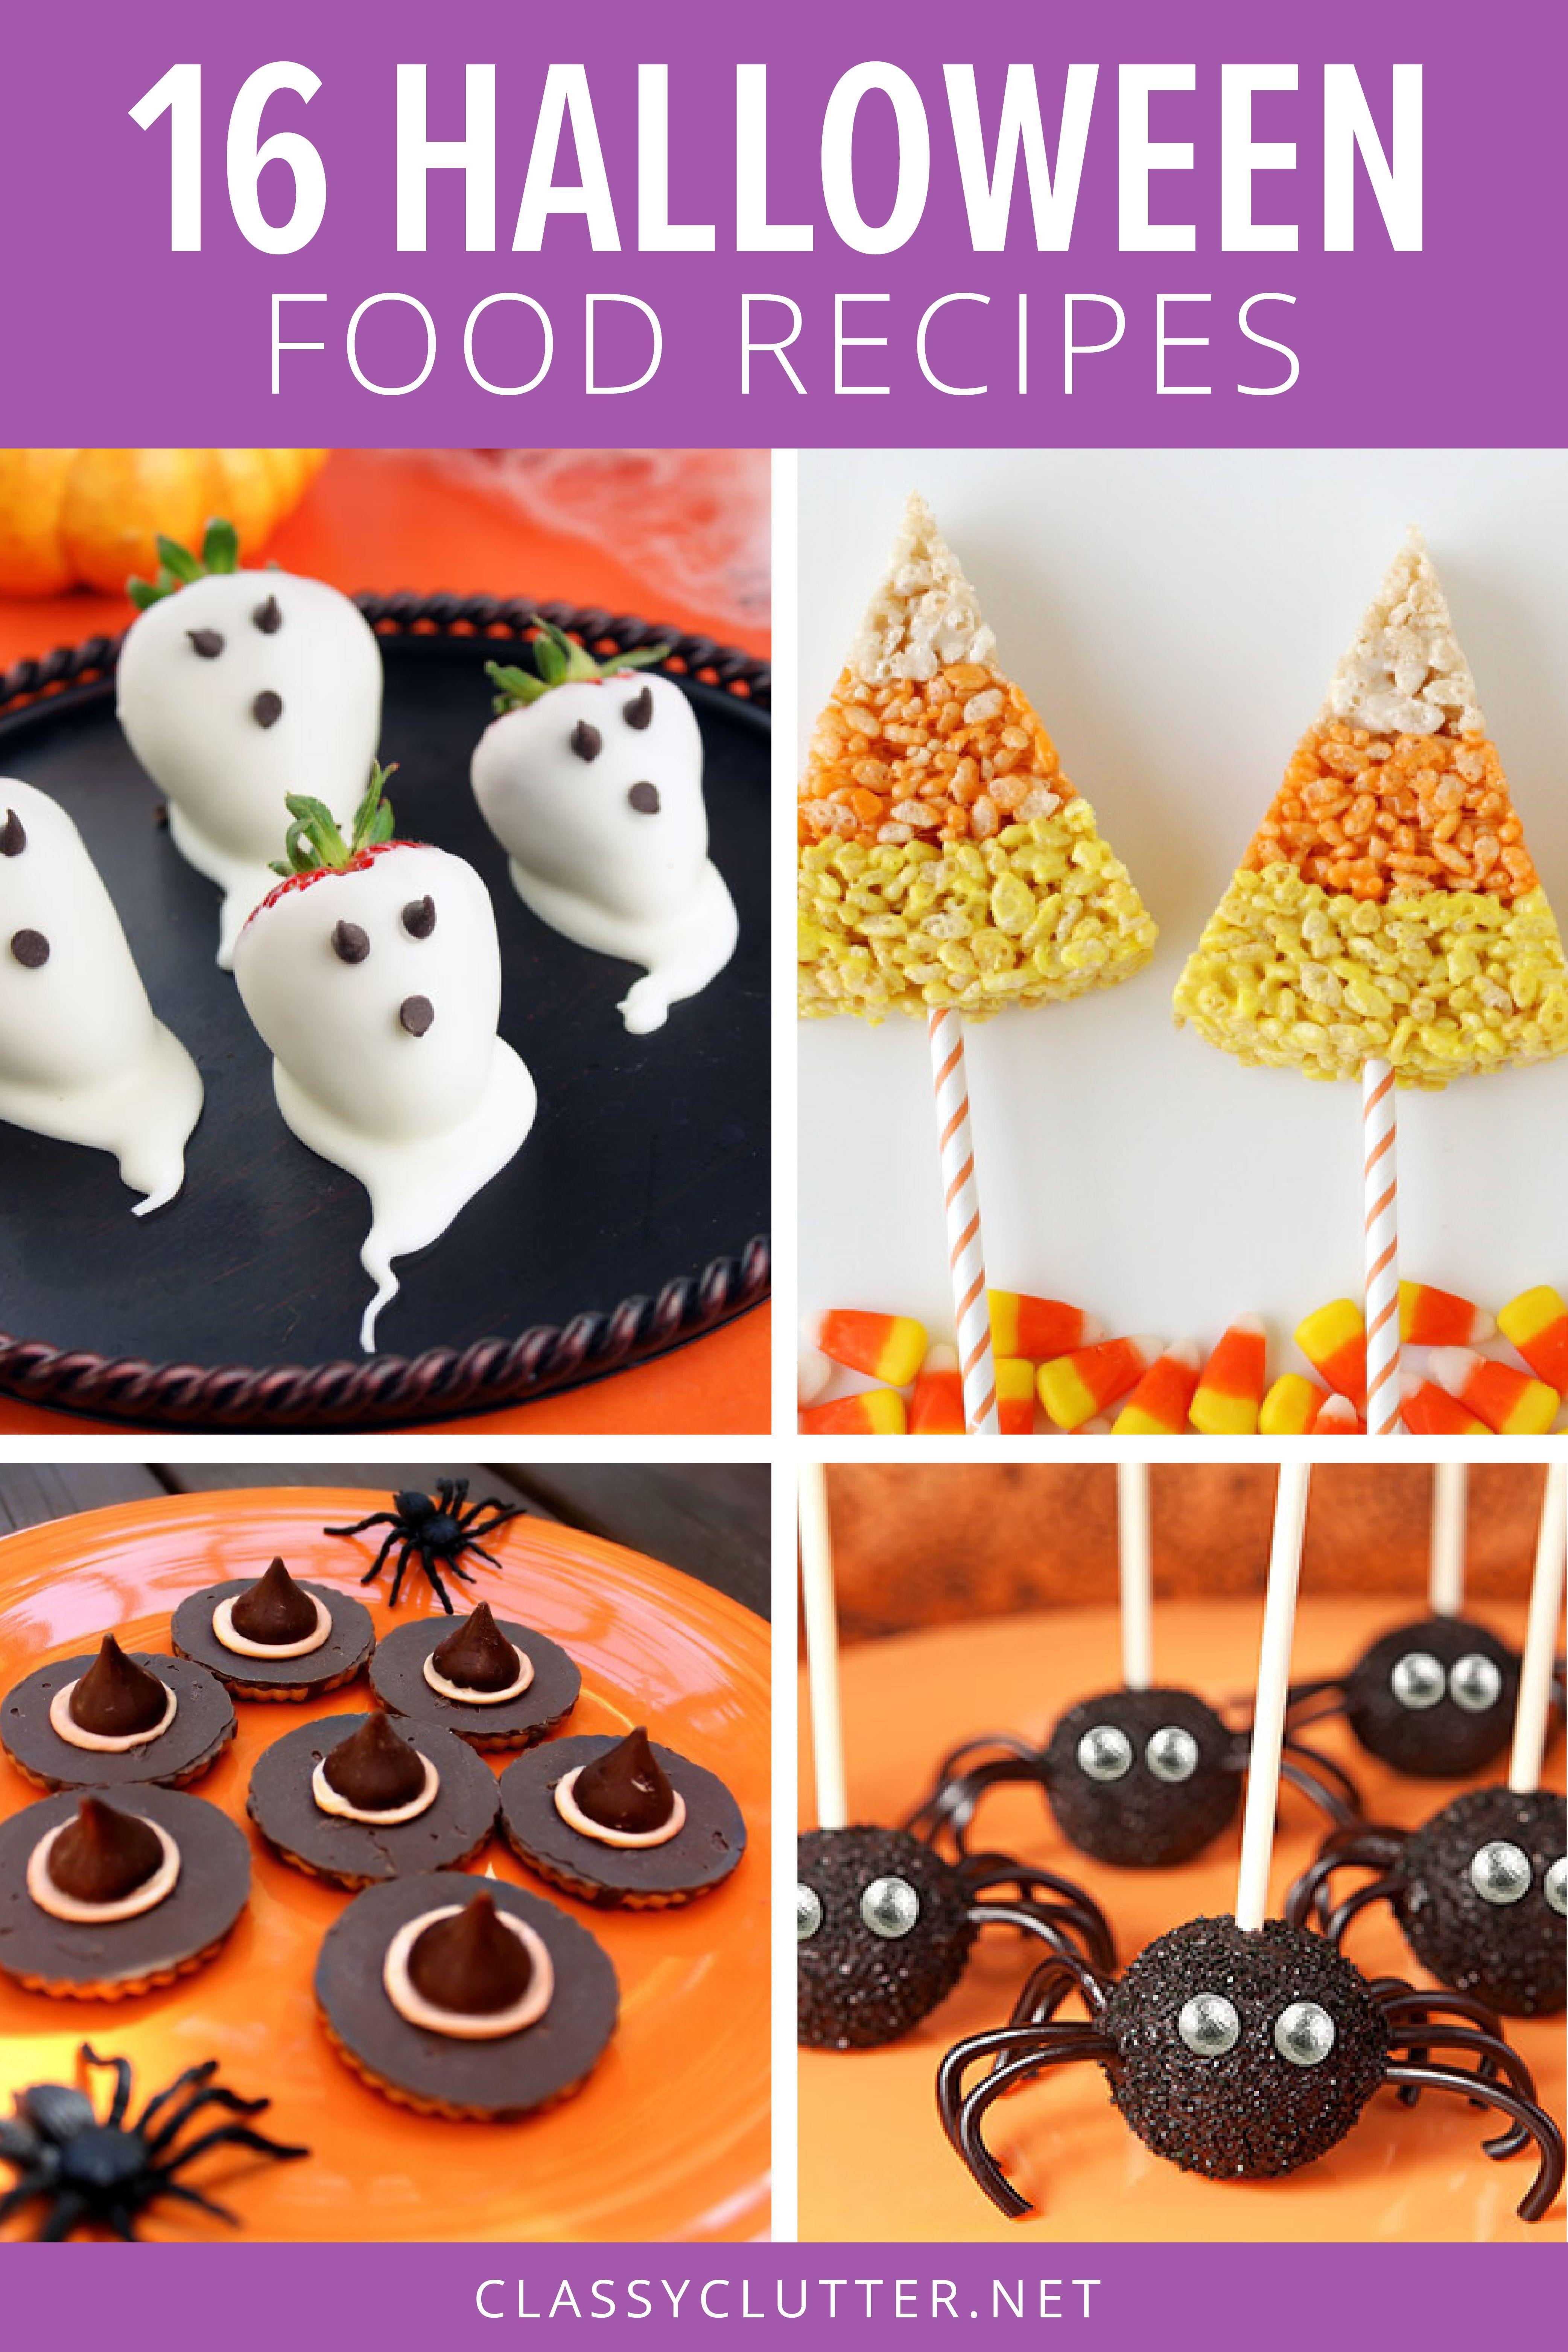 Halloween Parties 2020 Children 16 FUN Halloween Food Ideas in 2020 | Halloween party snacks, Fun